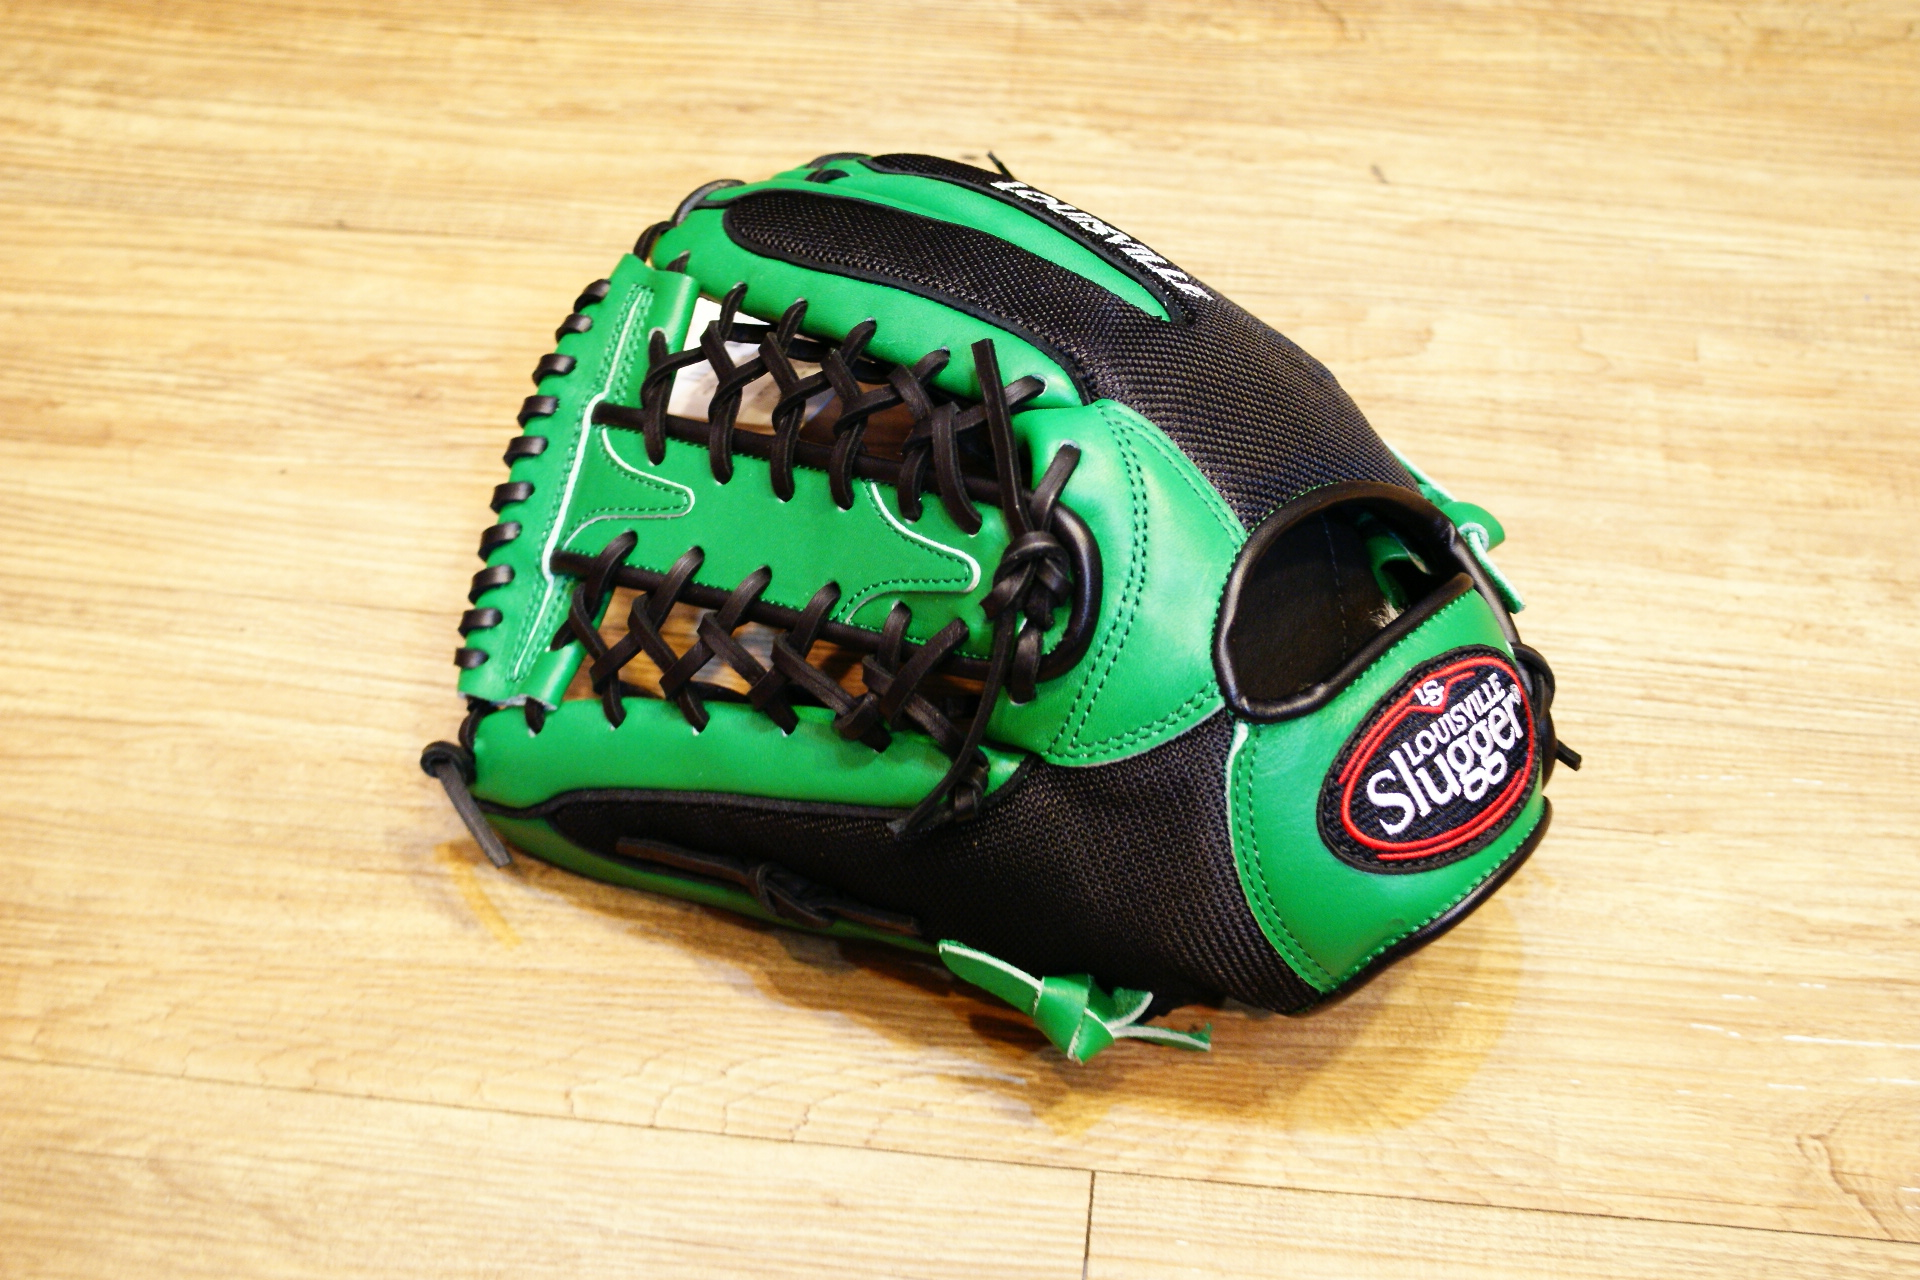 棒球世界 Louisvill Slugger 路易斯威爾TPX LS AIR布織布 外野T網棒壘球手套 特價黑綠色反手